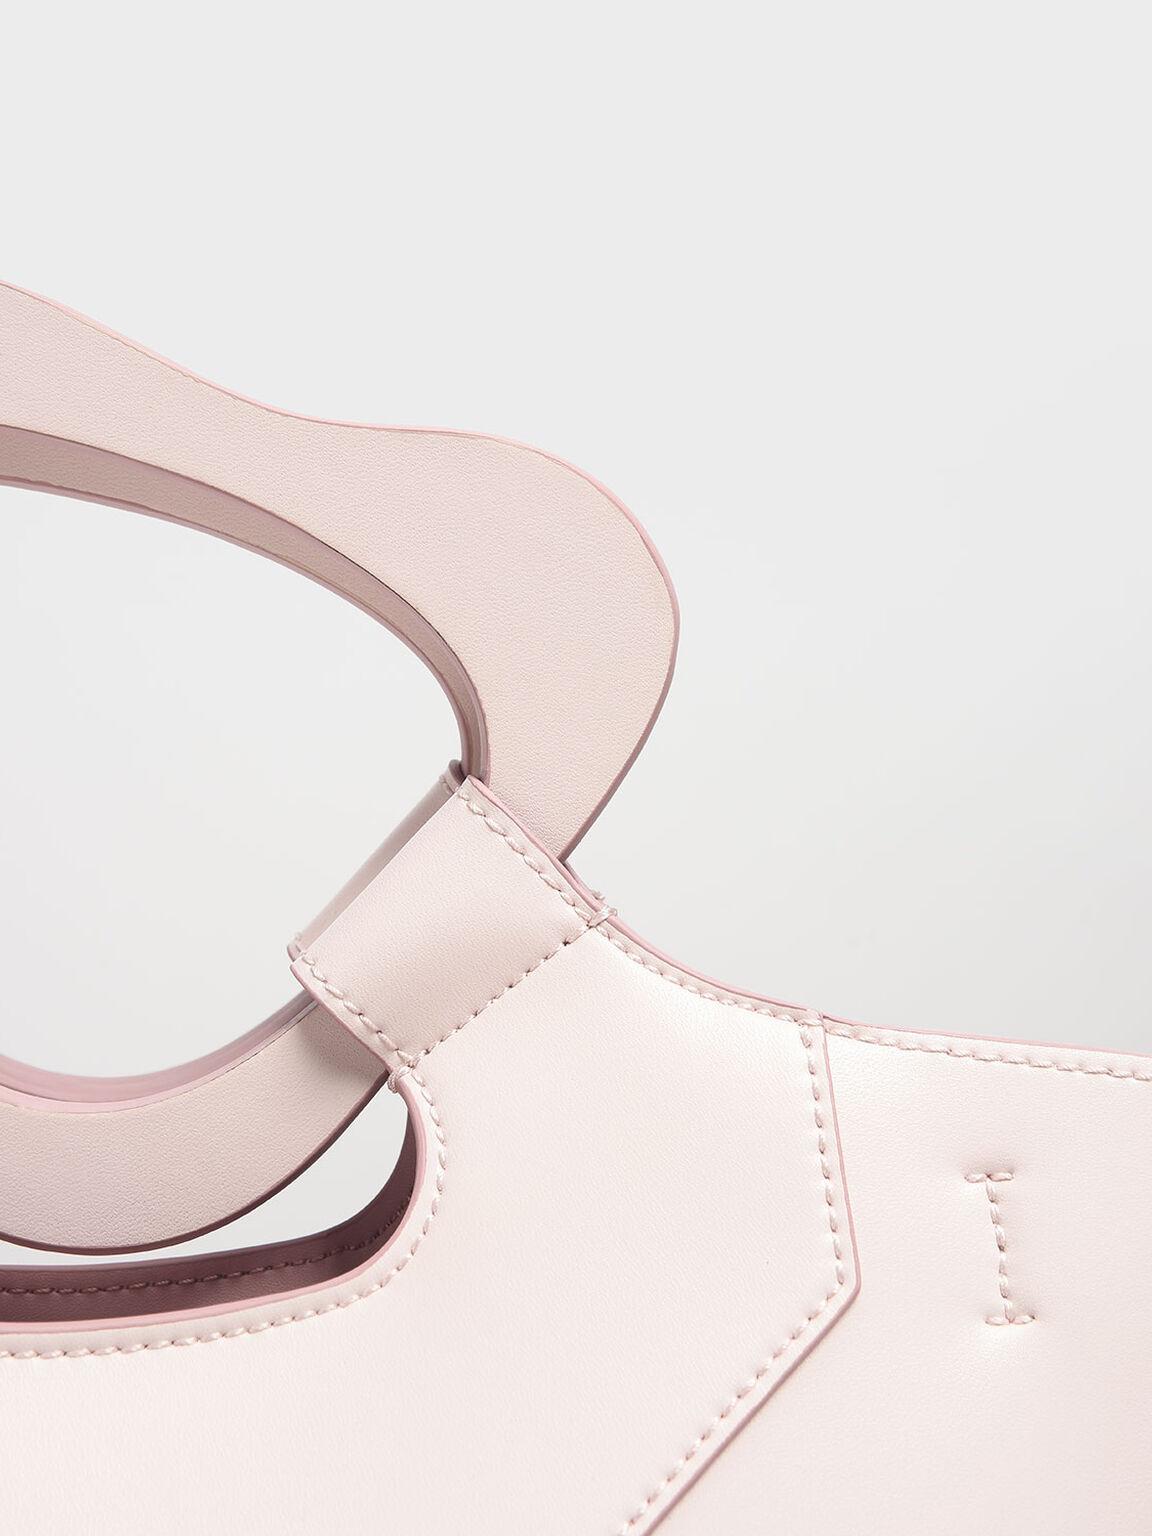 Sculptural Handle Tote, Light Pink, hi-res